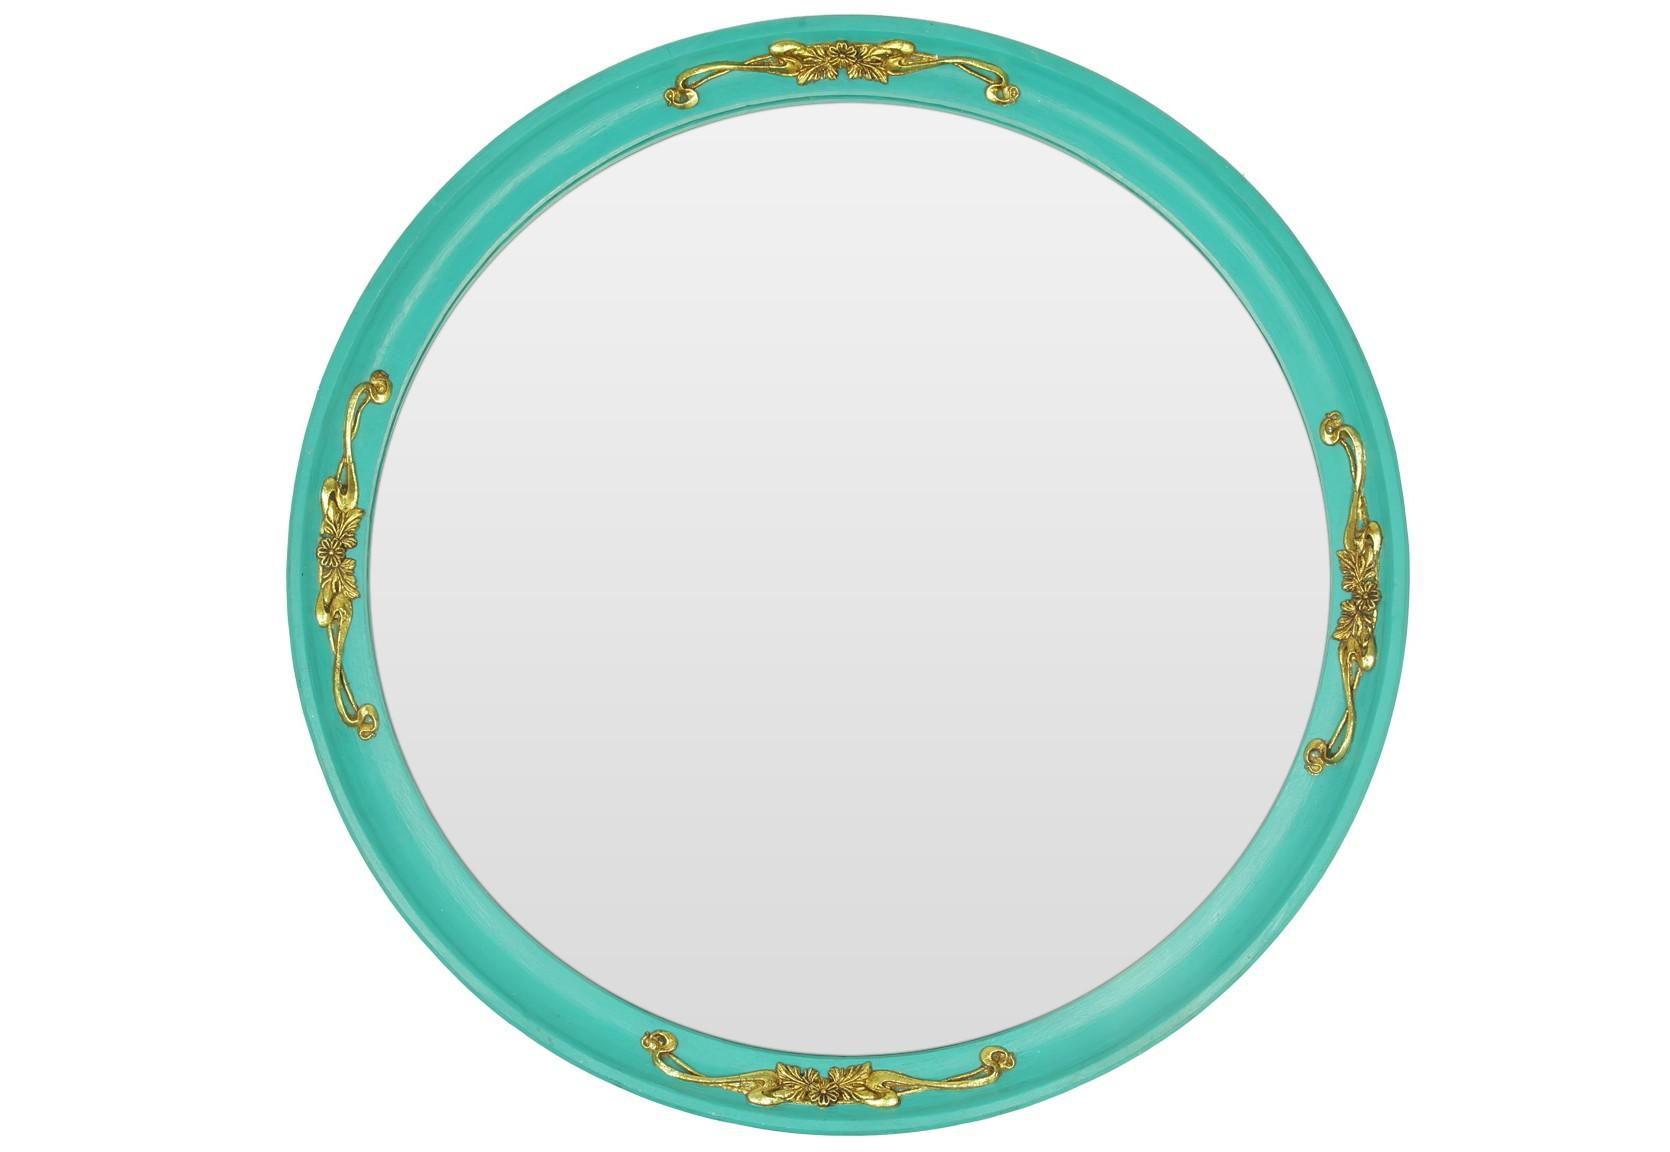 Зеркало ручной работы Для принцессыНастенные зеркала<br>На создание этого зеркала автора вдохновил утонченный стиль «Тиффани», который уже много лет пленяет сердца девушек по всему миру. Рядом с ним вы почувствуете себя легендарной Одри Хепберн – очаровательной и женственной. Нежный бирюзовый цвет рамы и золотые декоративные украшения помогут создать в вашем доме гармоничную атмосферу и наполнить пространство вокруг романтикой. Благодаря большому размеру и круглой форме, это зеркало станет идеальным дополнением спальни настоящей модницы.&amp;amp;nbsp;&amp;lt;div&amp;gt;&amp;lt;br&amp;gt;&amp;lt;/div&amp;gt;&amp;lt;div&amp;gt;Материалы: основа - массив дерева; рама - натуральное дерево; зеркальное полотно - классическое зеркало серебряной амальгамы.&amp;lt;/div&amp;gt;<br><br>Material: Дерево<br>Ширина см: 75<br>Высота см: 75<br>Глубина см: 4